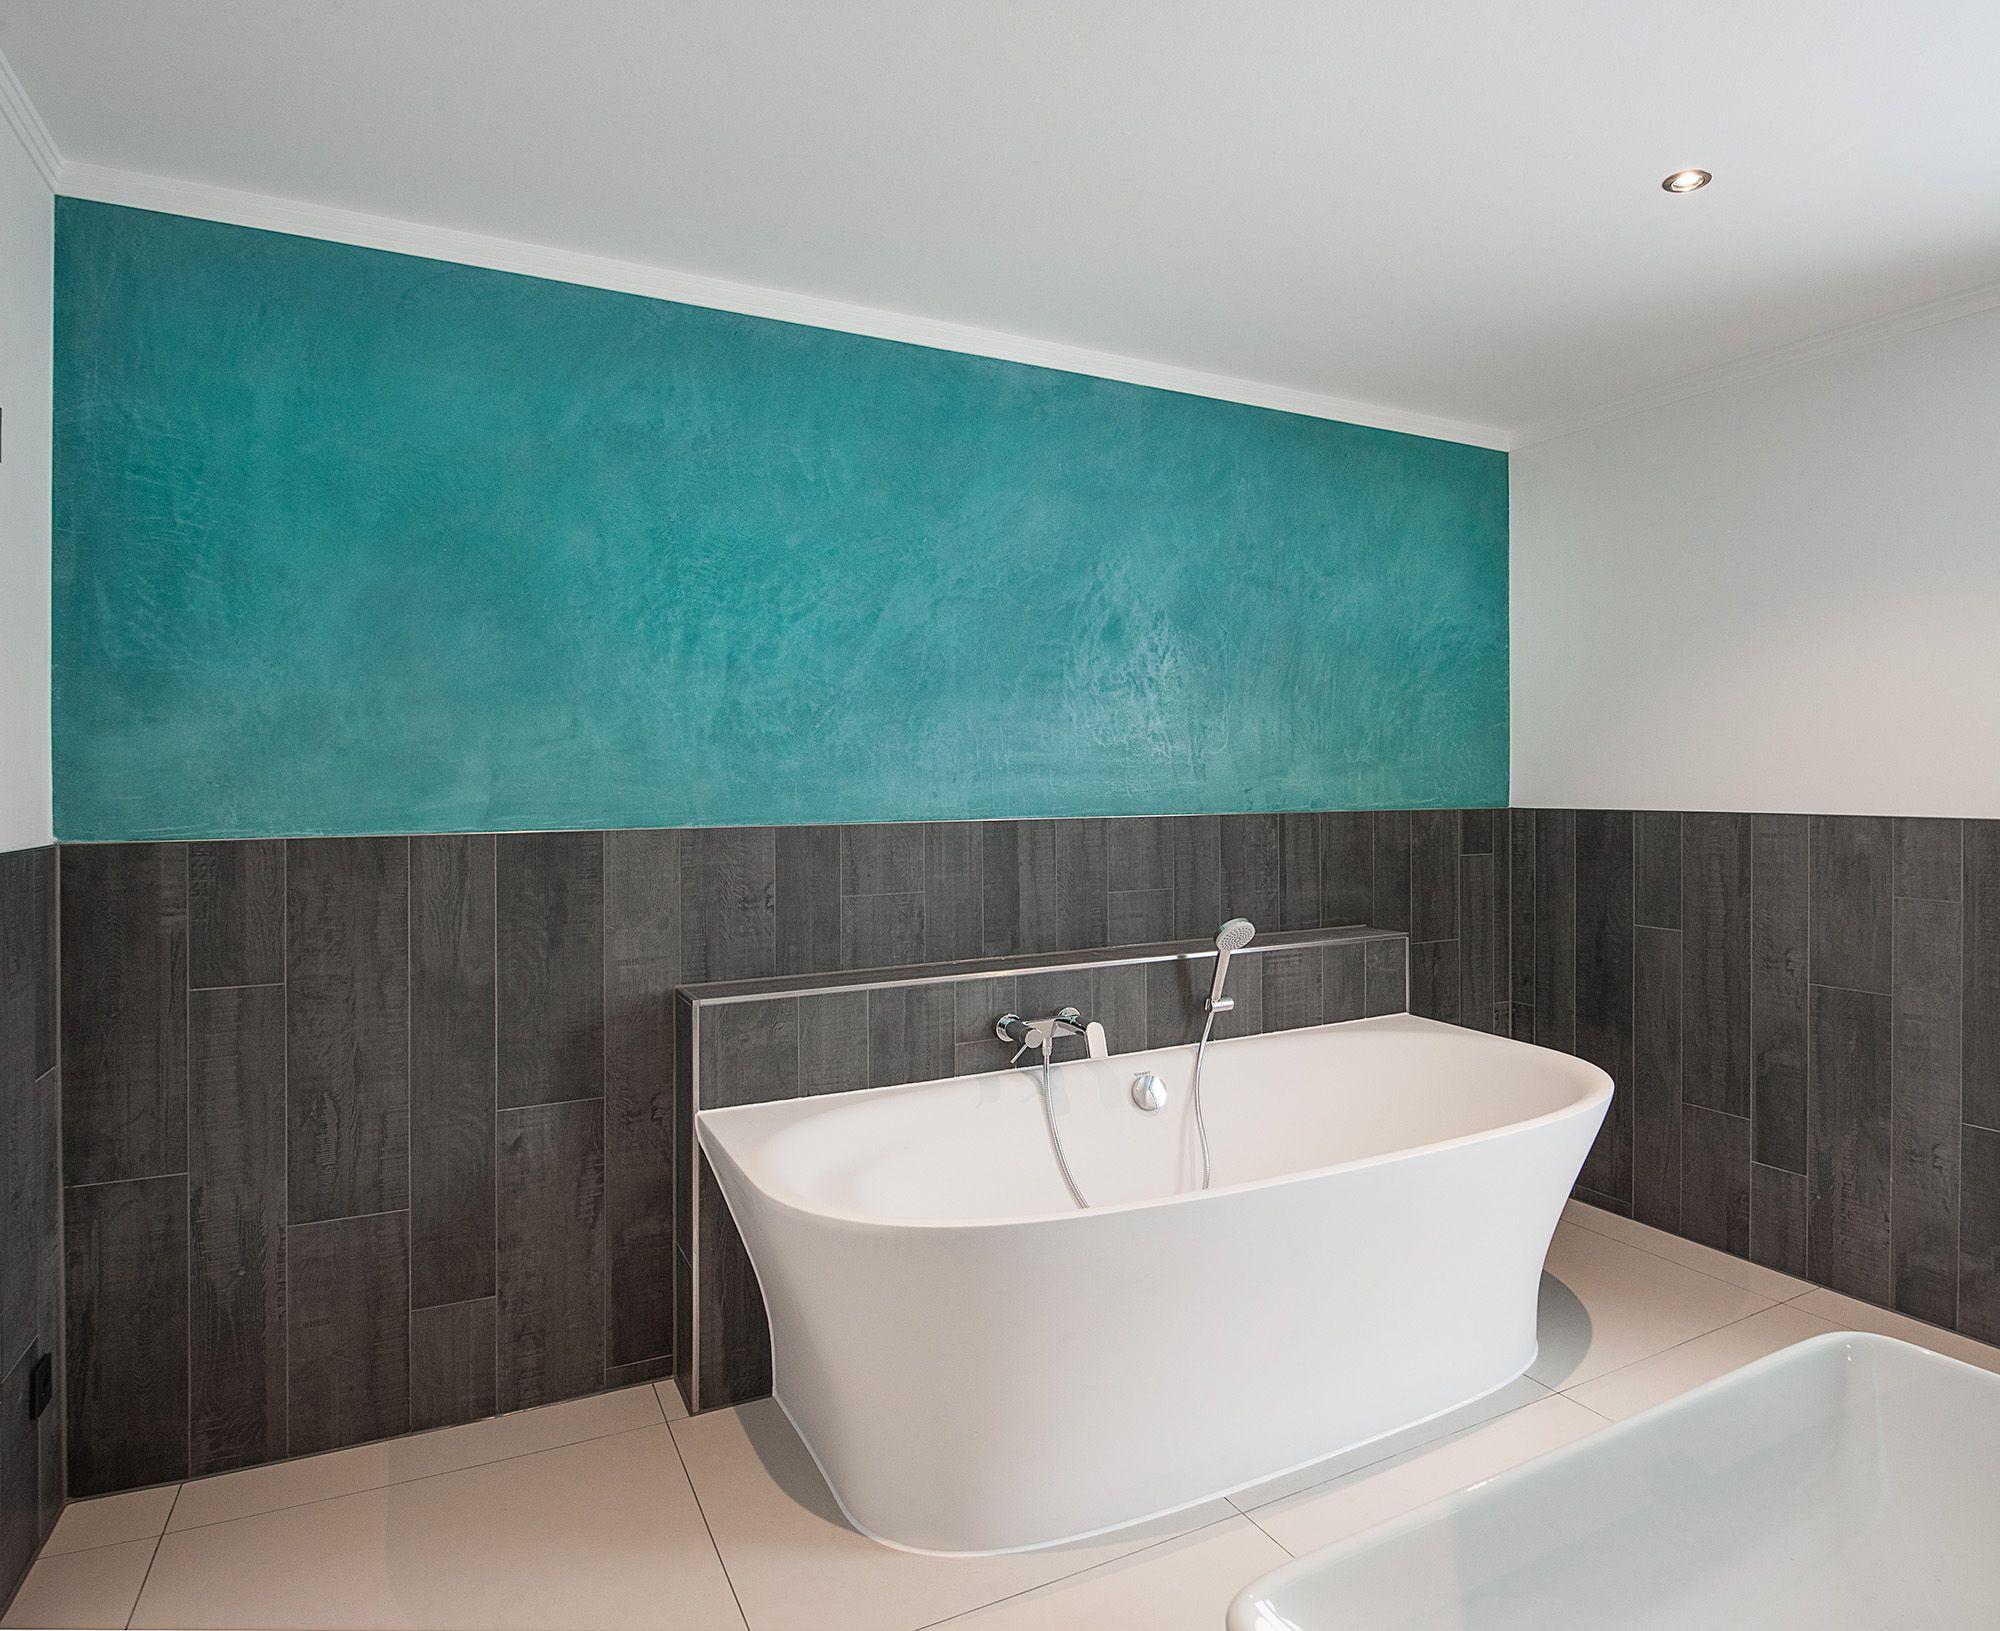 Badezimmergestaltung Mit Spachtel Marmorierung Einer Wand Inspiration Fur Das Badezimmer Renovierung Badezimmer Fugenloses Bad Badezimmer Bad